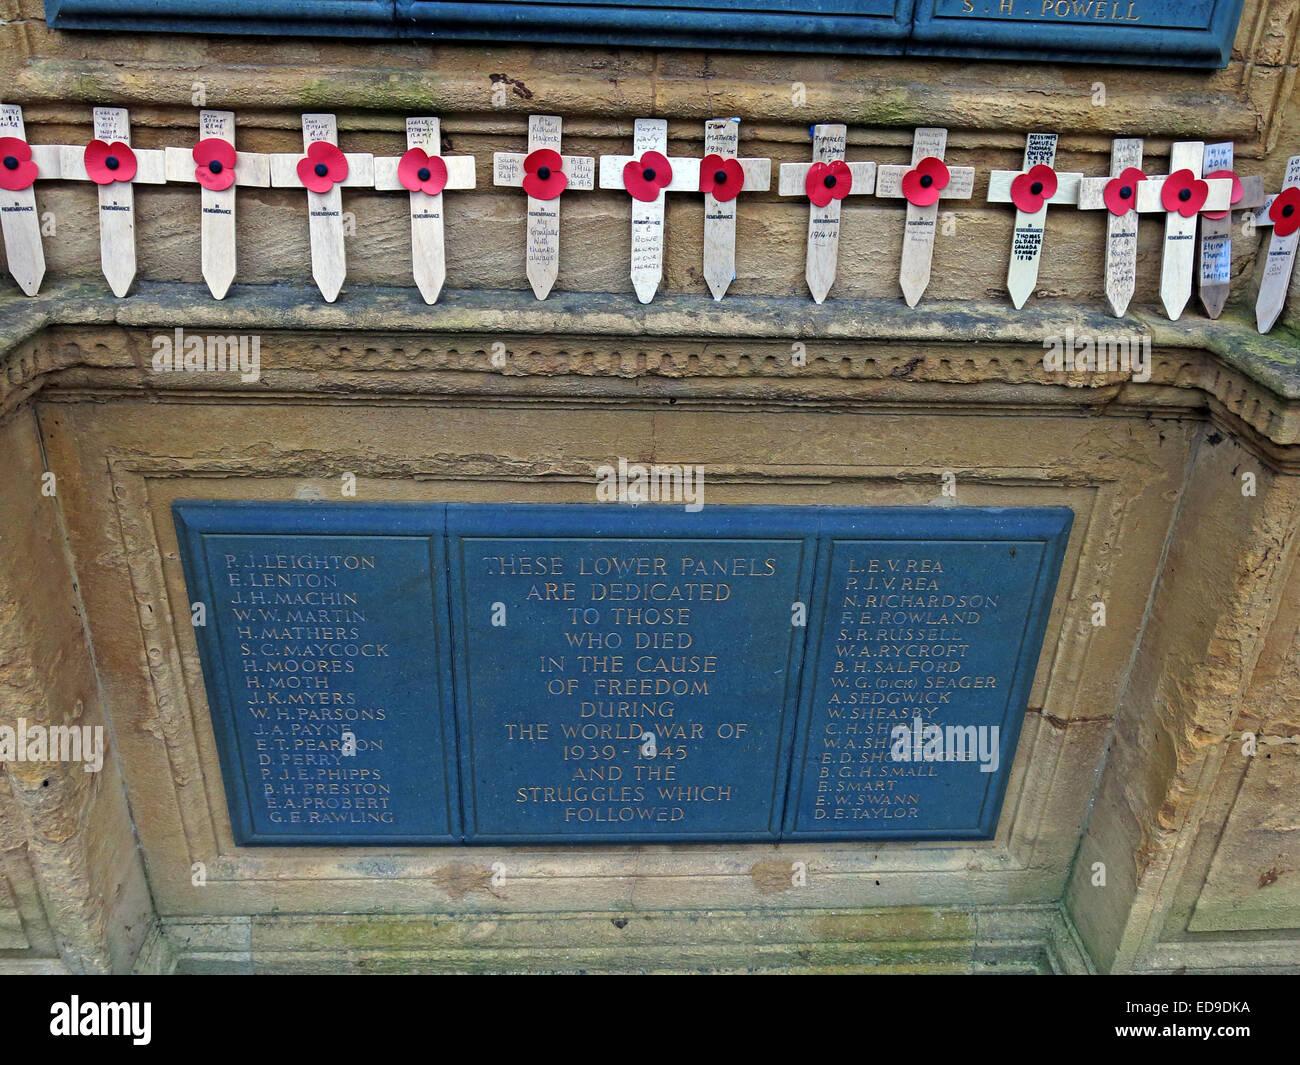 Laden Sie dieses Alamy Stockfoto Lichfield Kenotaph Krieg-Denkmal, Namen der Krieg tot, Staffordshire, England, UK - ED9DKA